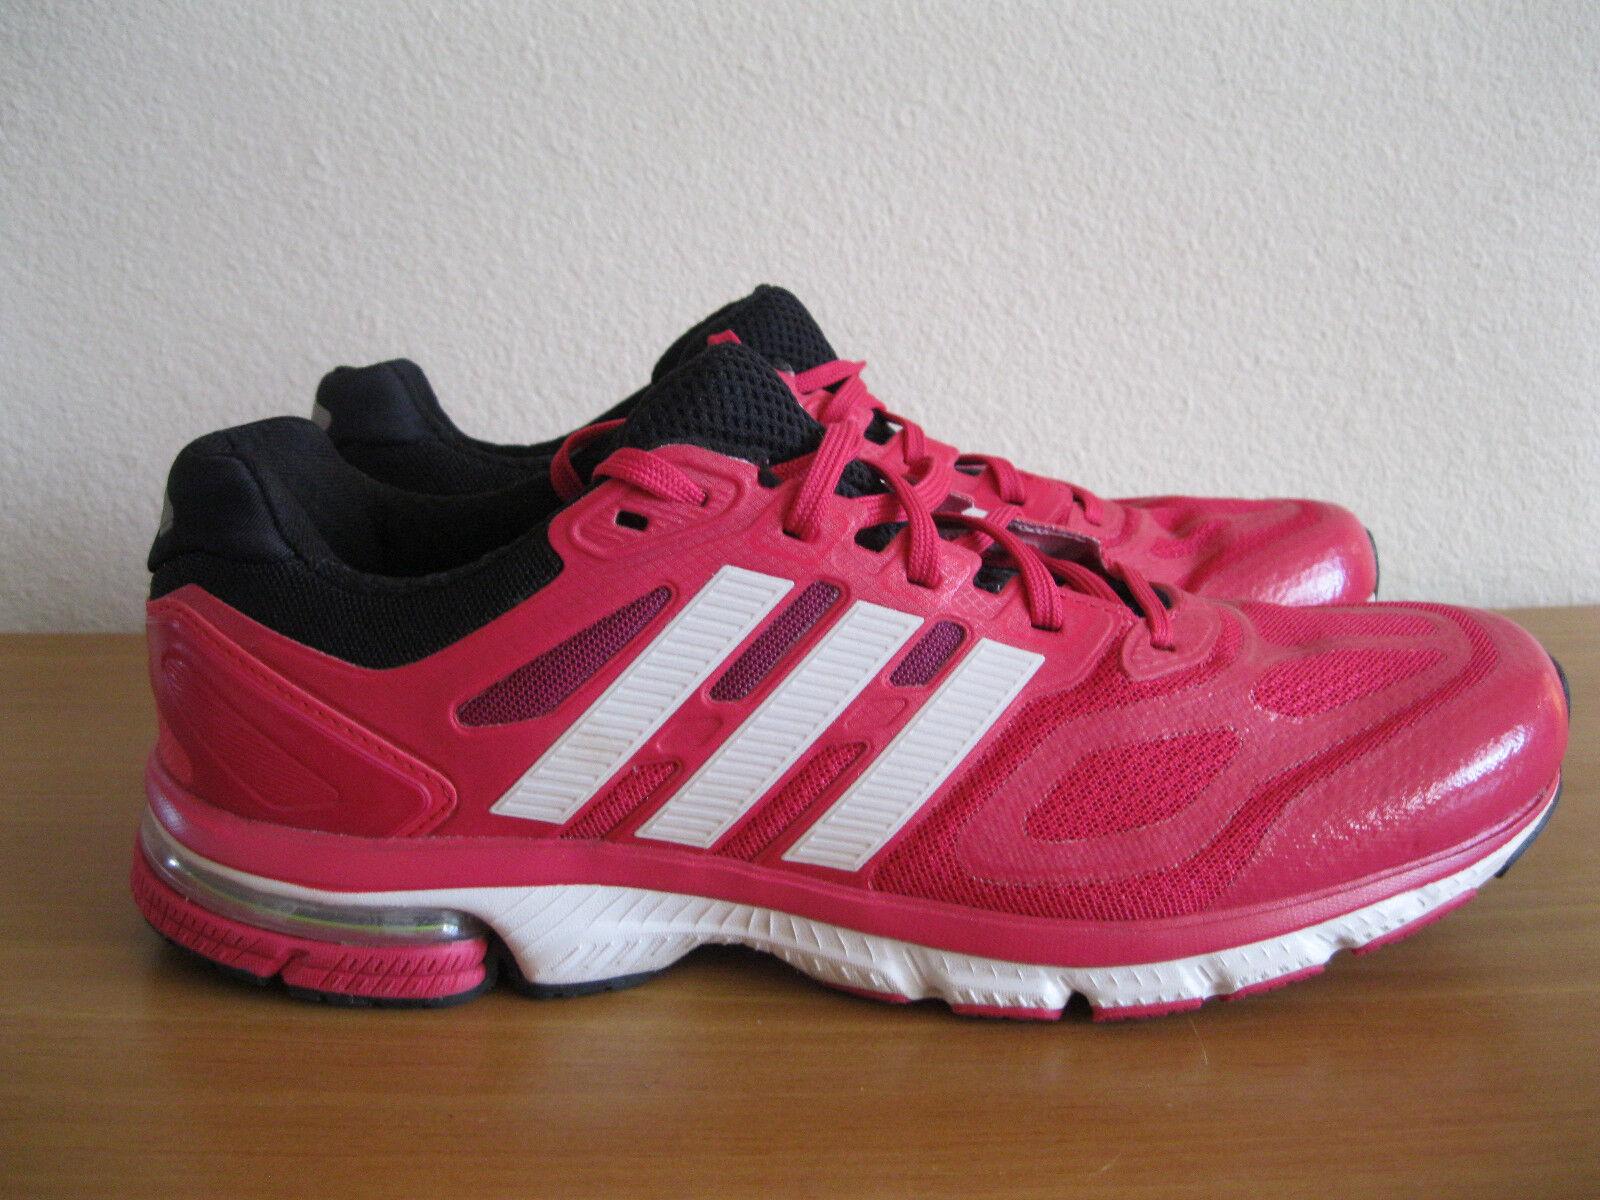 La mujer Rosa - deportivo adidas GeoFit secuencia 6 calzado deportivo - cómodo 7be96f